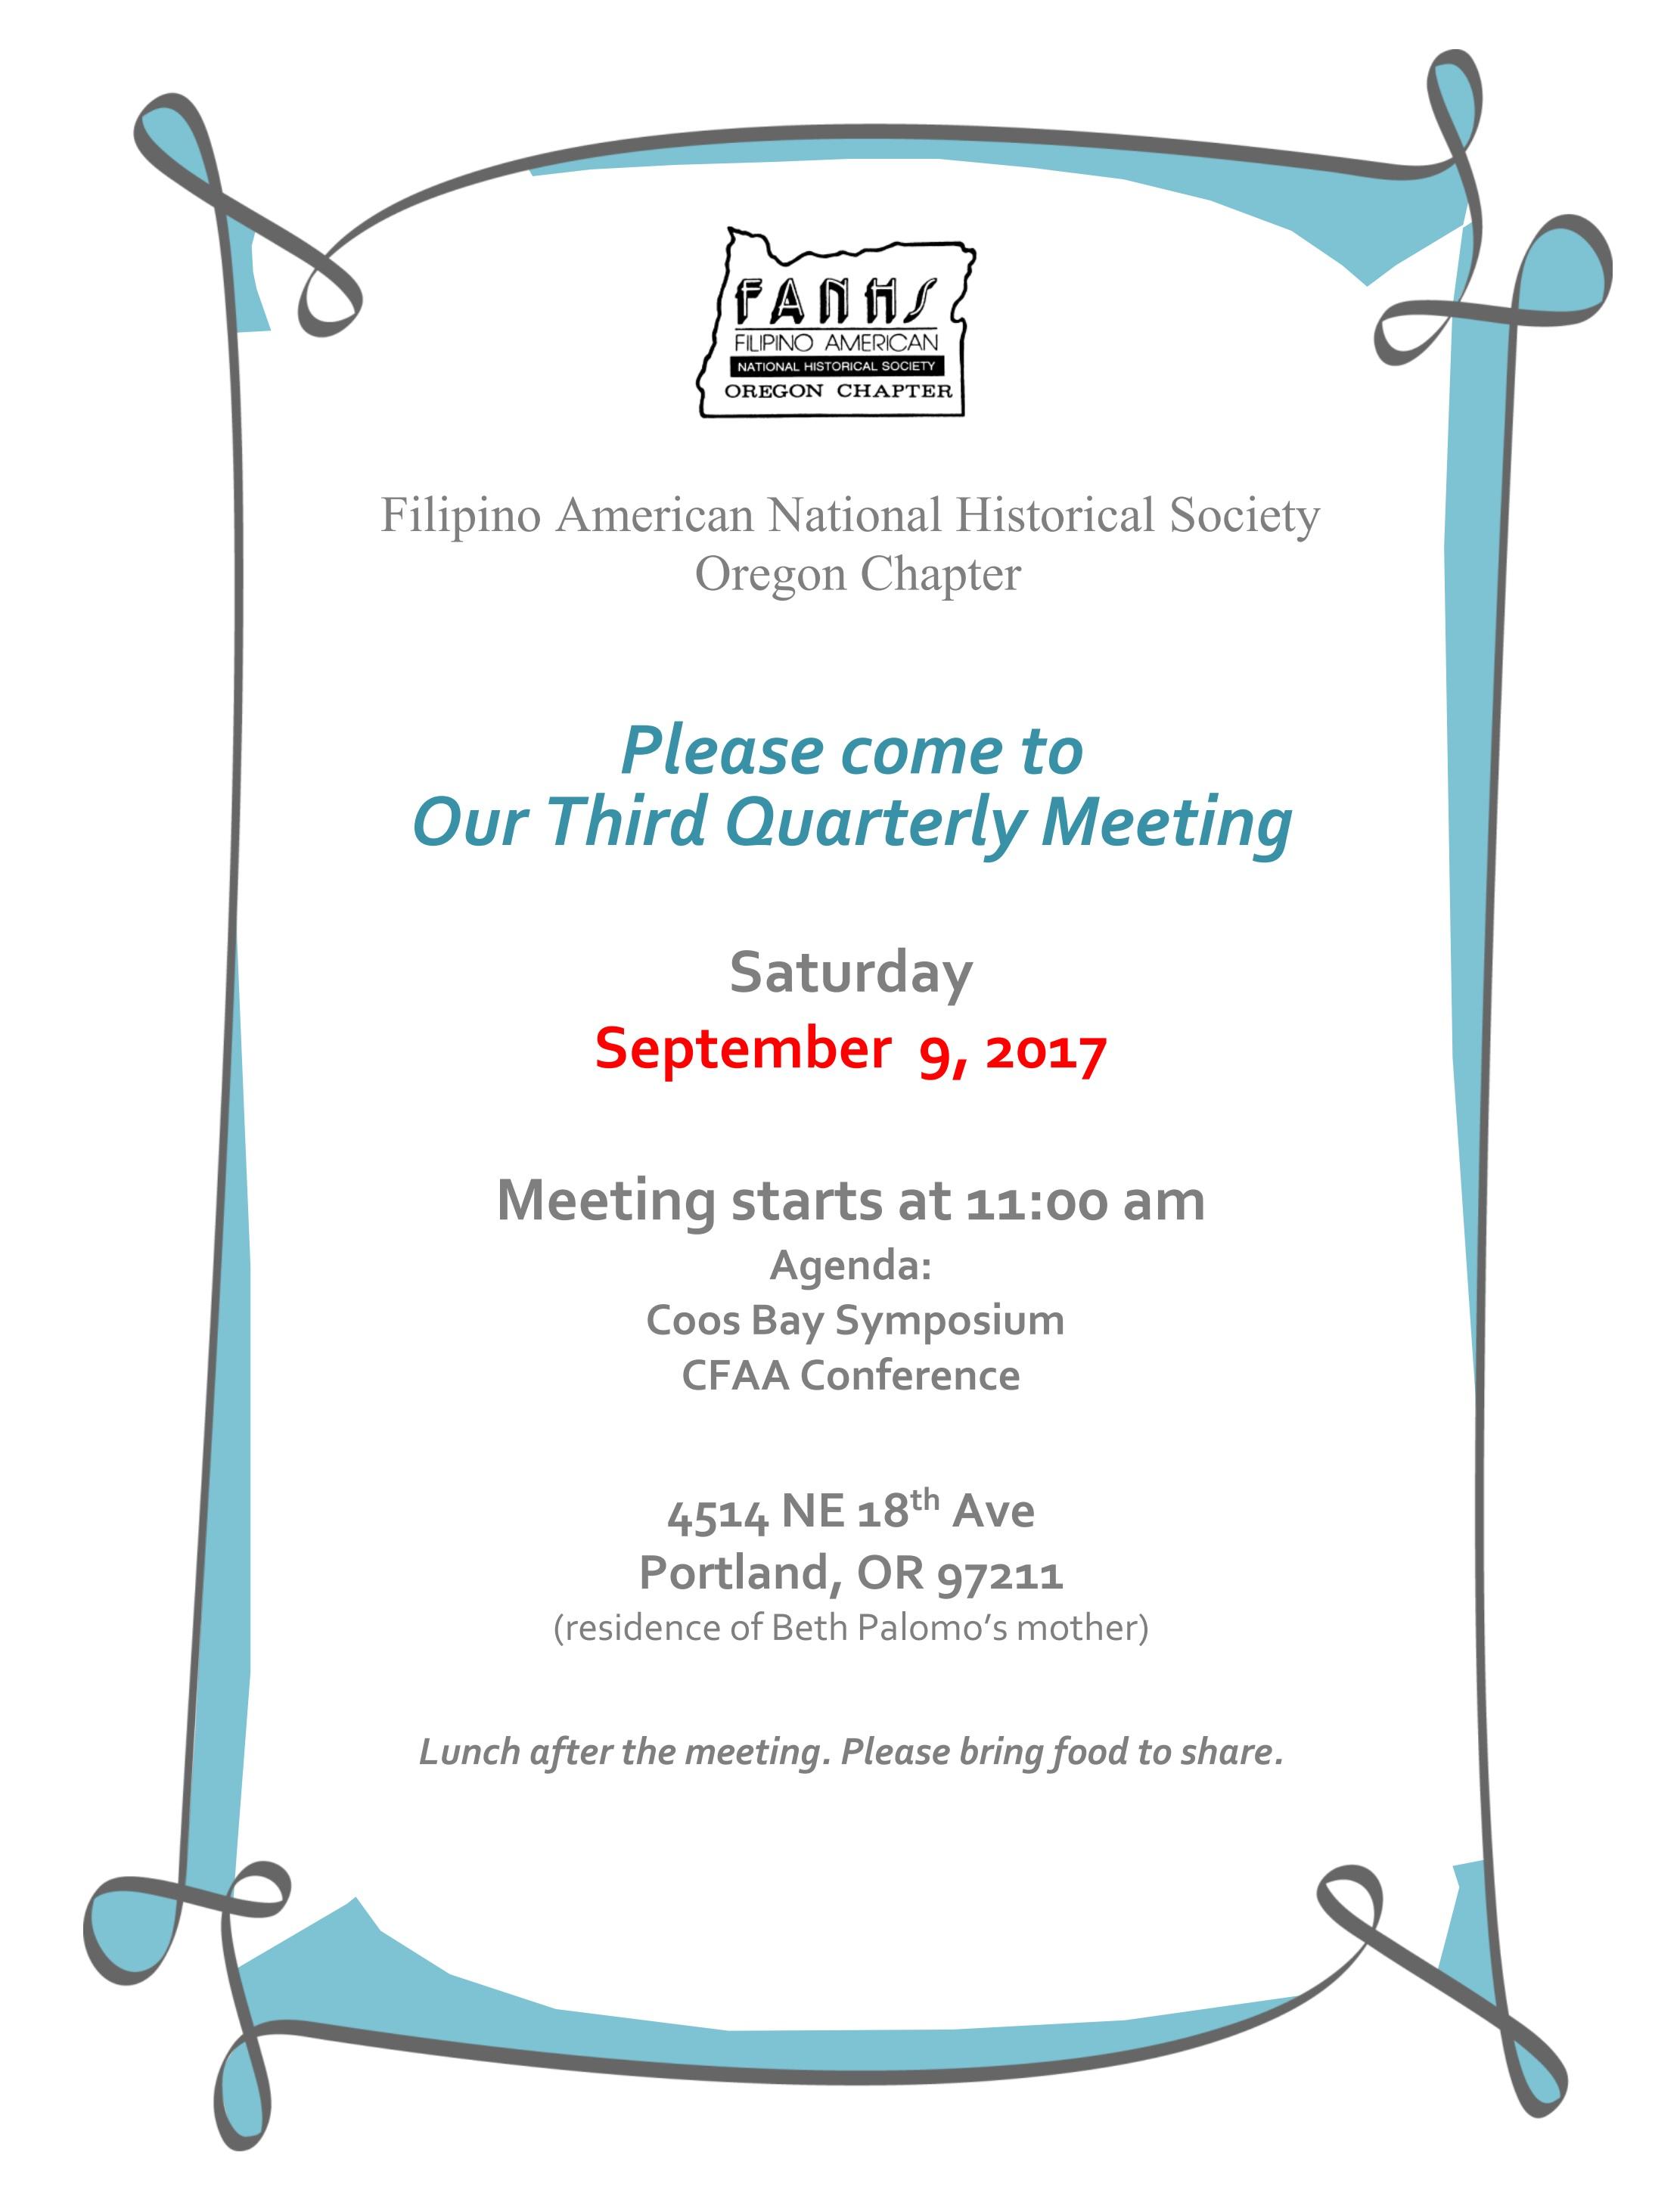 9-9-17_fanhs-or_meeting.jpg